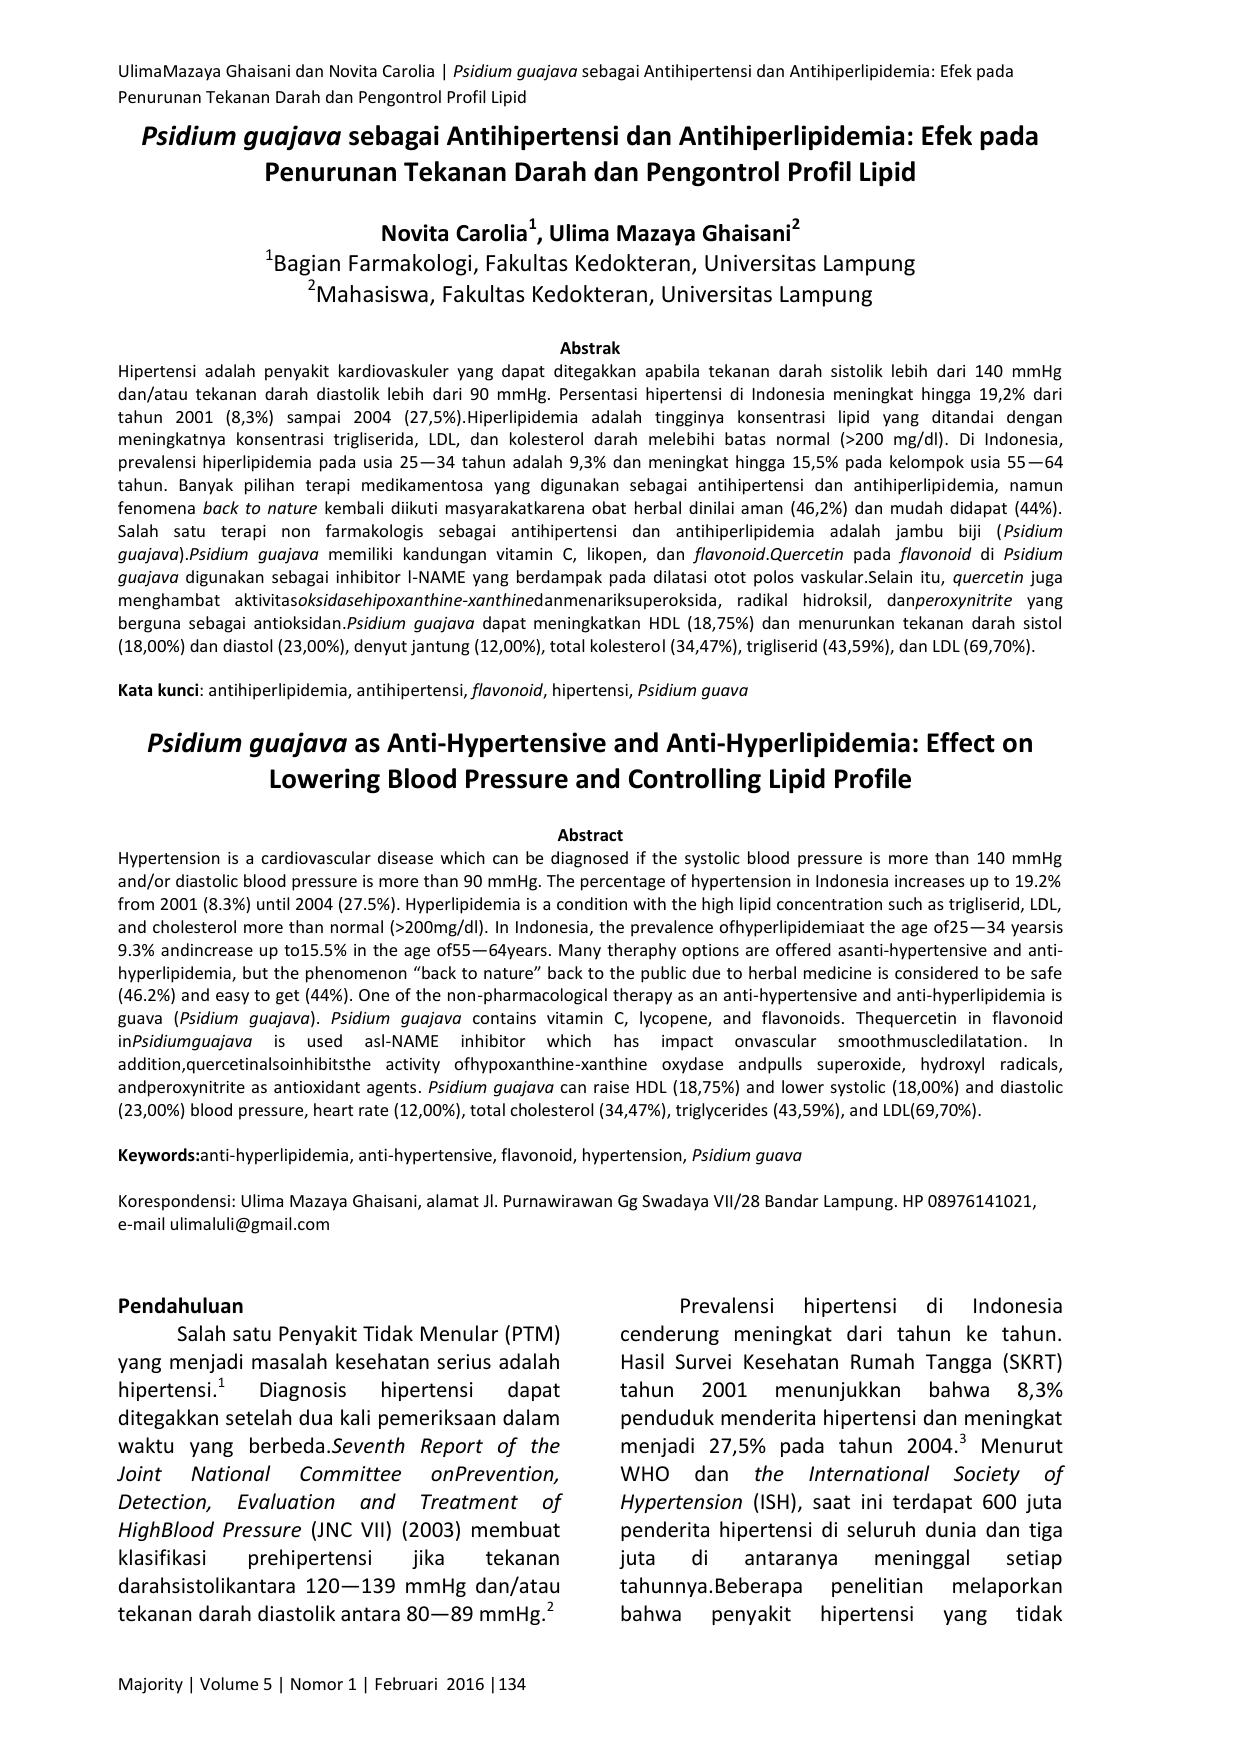 flavonoidi i hipertenzija)